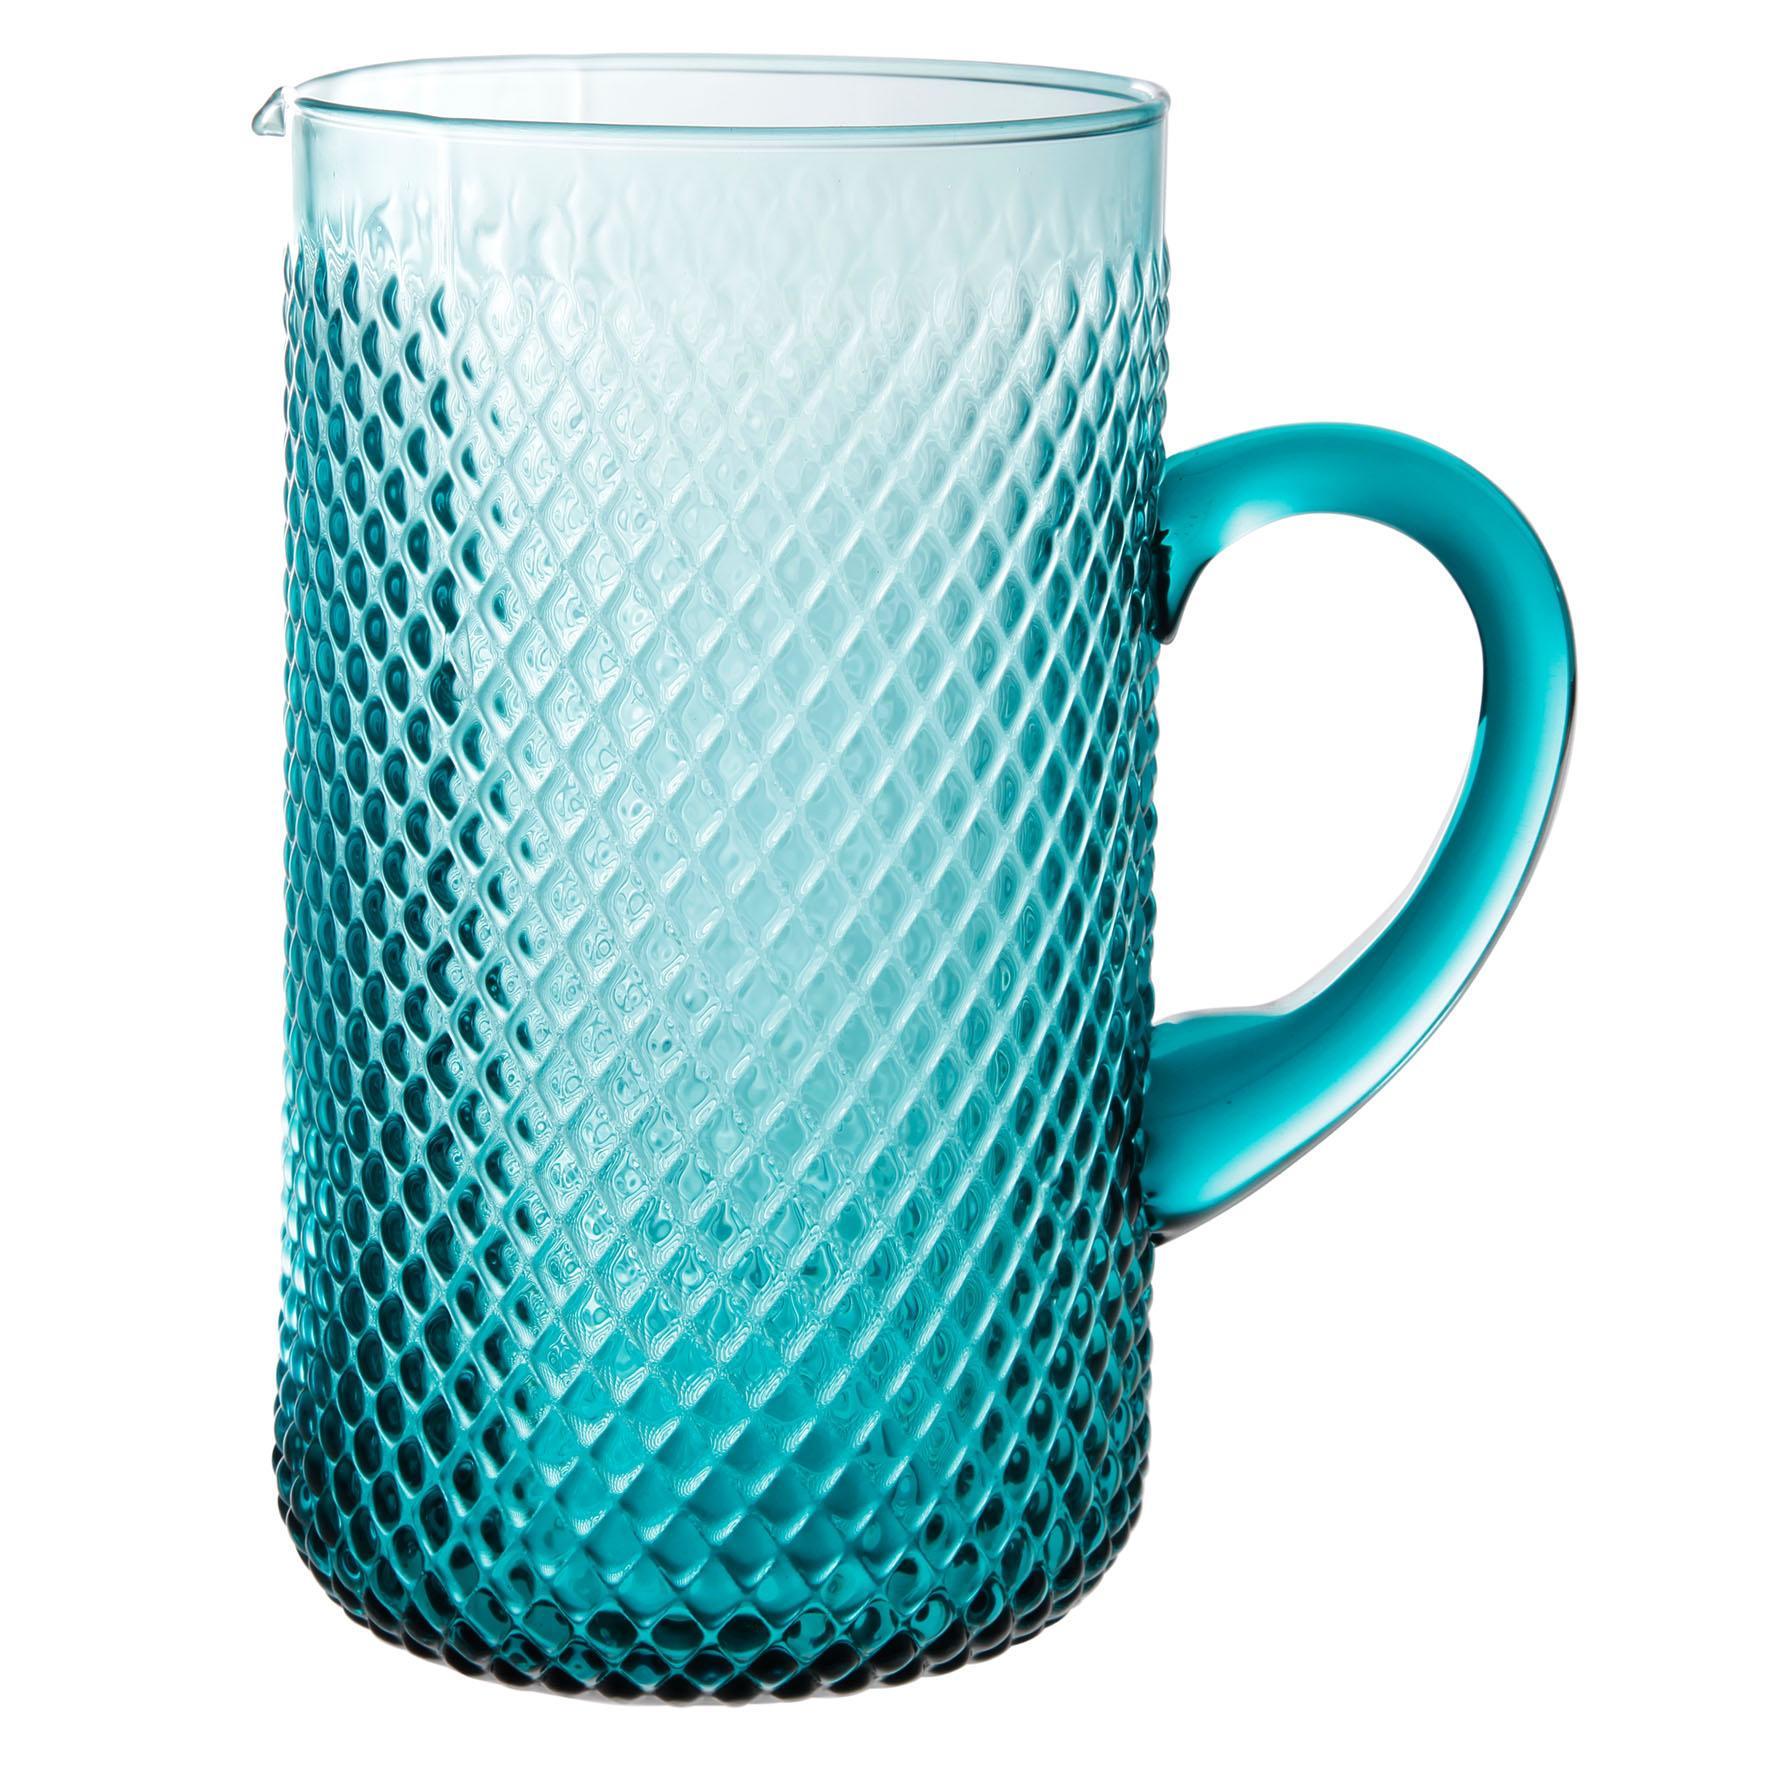 CÔTÉ TABLE Skleněný džbán Turquoise 1,5L, modrá barva, zelená barva, sklo